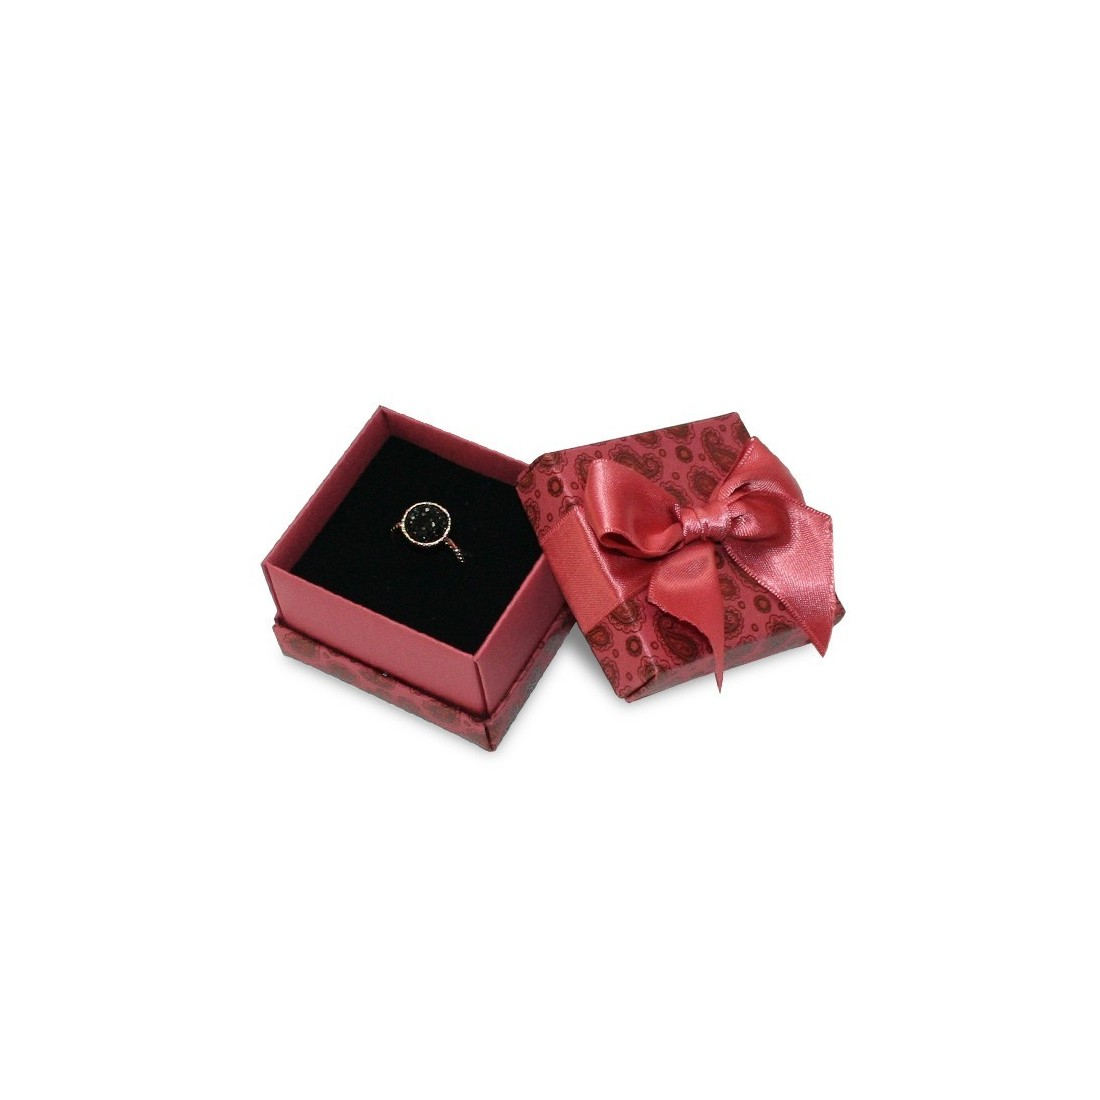 Cachemir Printed Florencia Jewellery Box, Multi-purpose